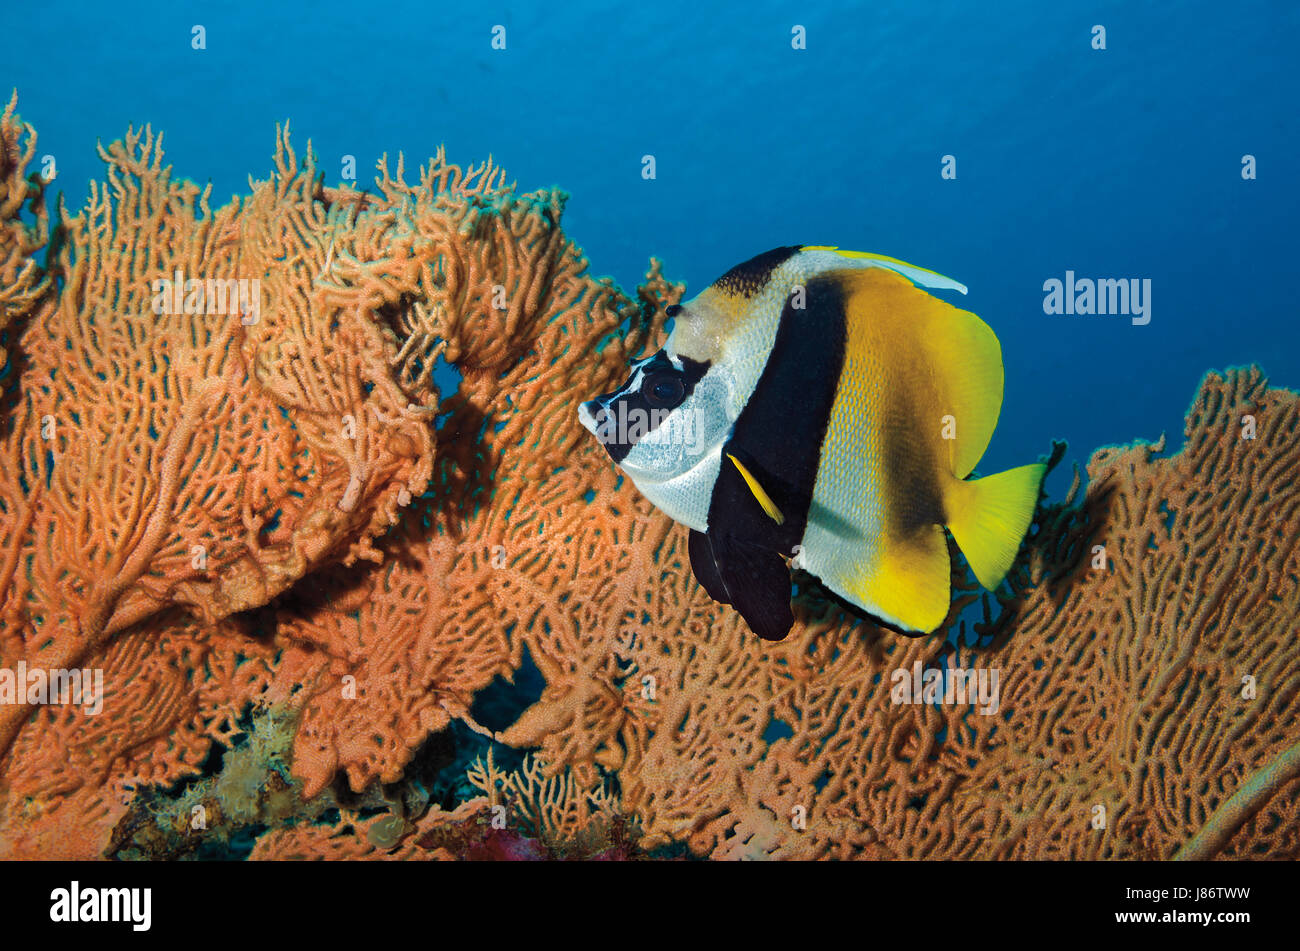 Mascherati, bannerfish Heniochus monoceros, contro fan corallo nelle Maldive, Oceano Indiano Immagini Stock